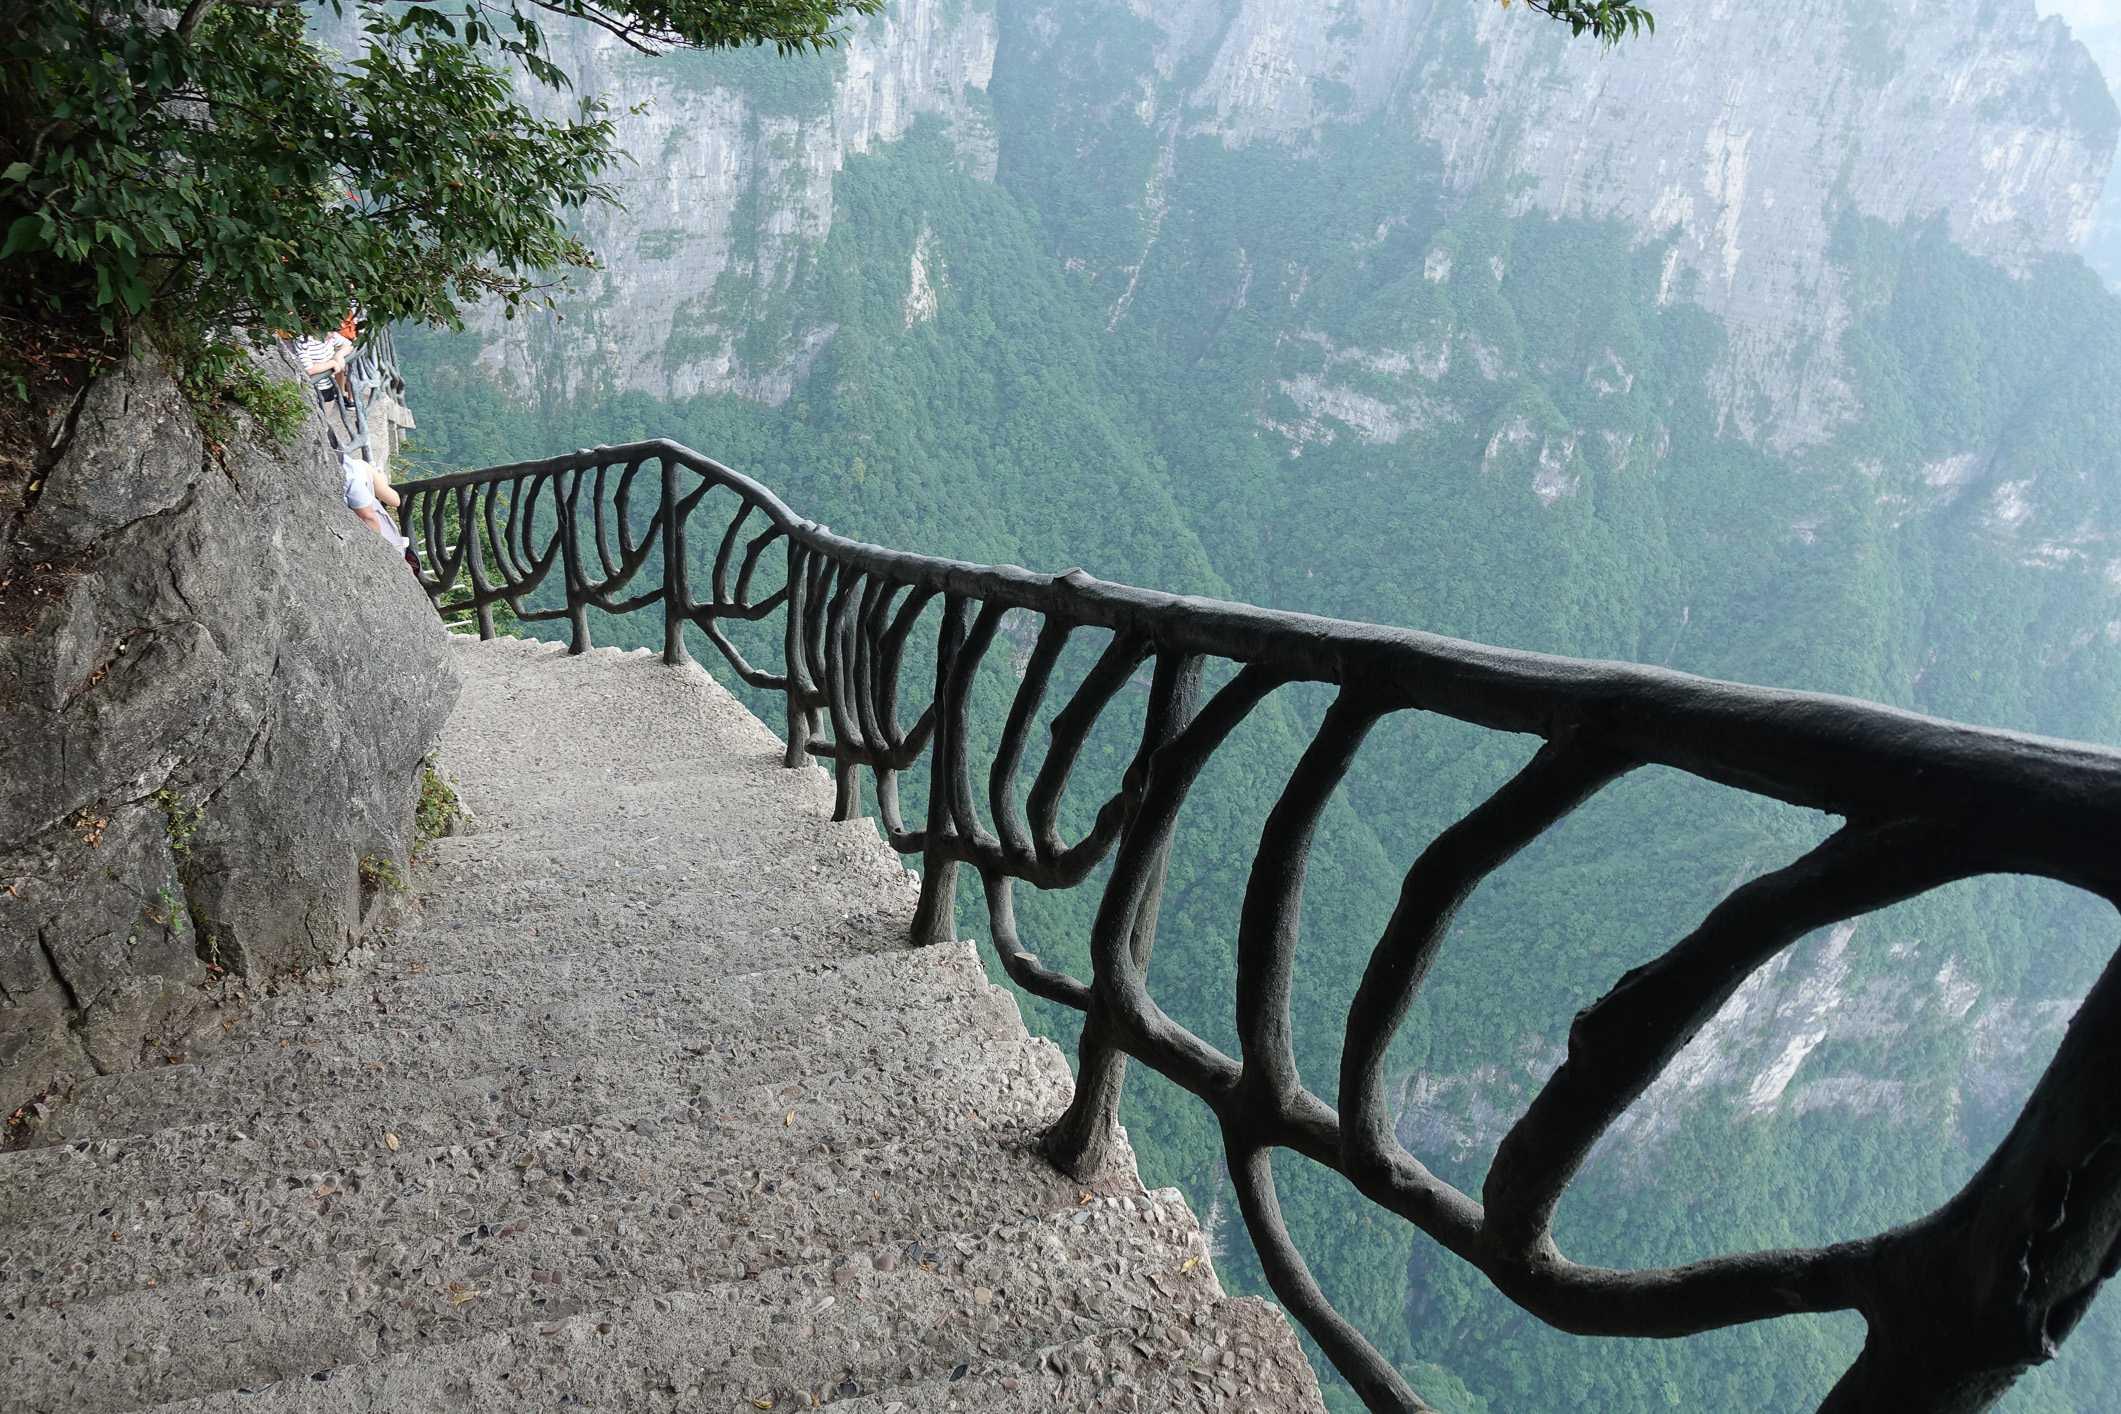 Pathways on Tianmen Mountain